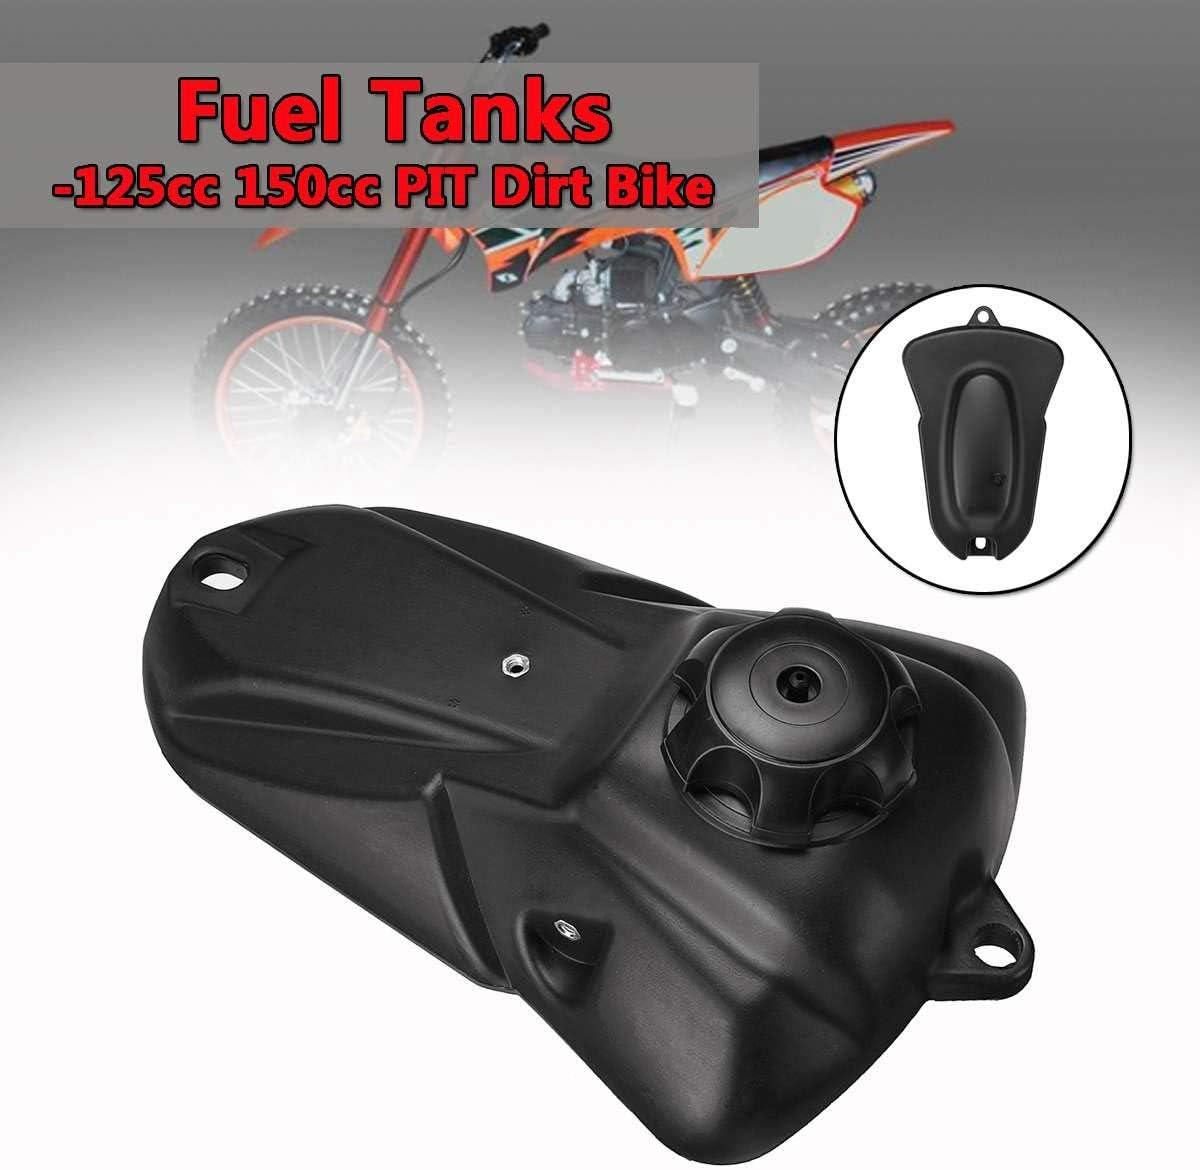 Noblik R/éServoir de Carburant Moto pour R/éServoirs de Carburant 125Cc 150Cc Pit Pro Trail Dirt Bike Noir Gas Essence avec Capuchon New Minimotor Motocross